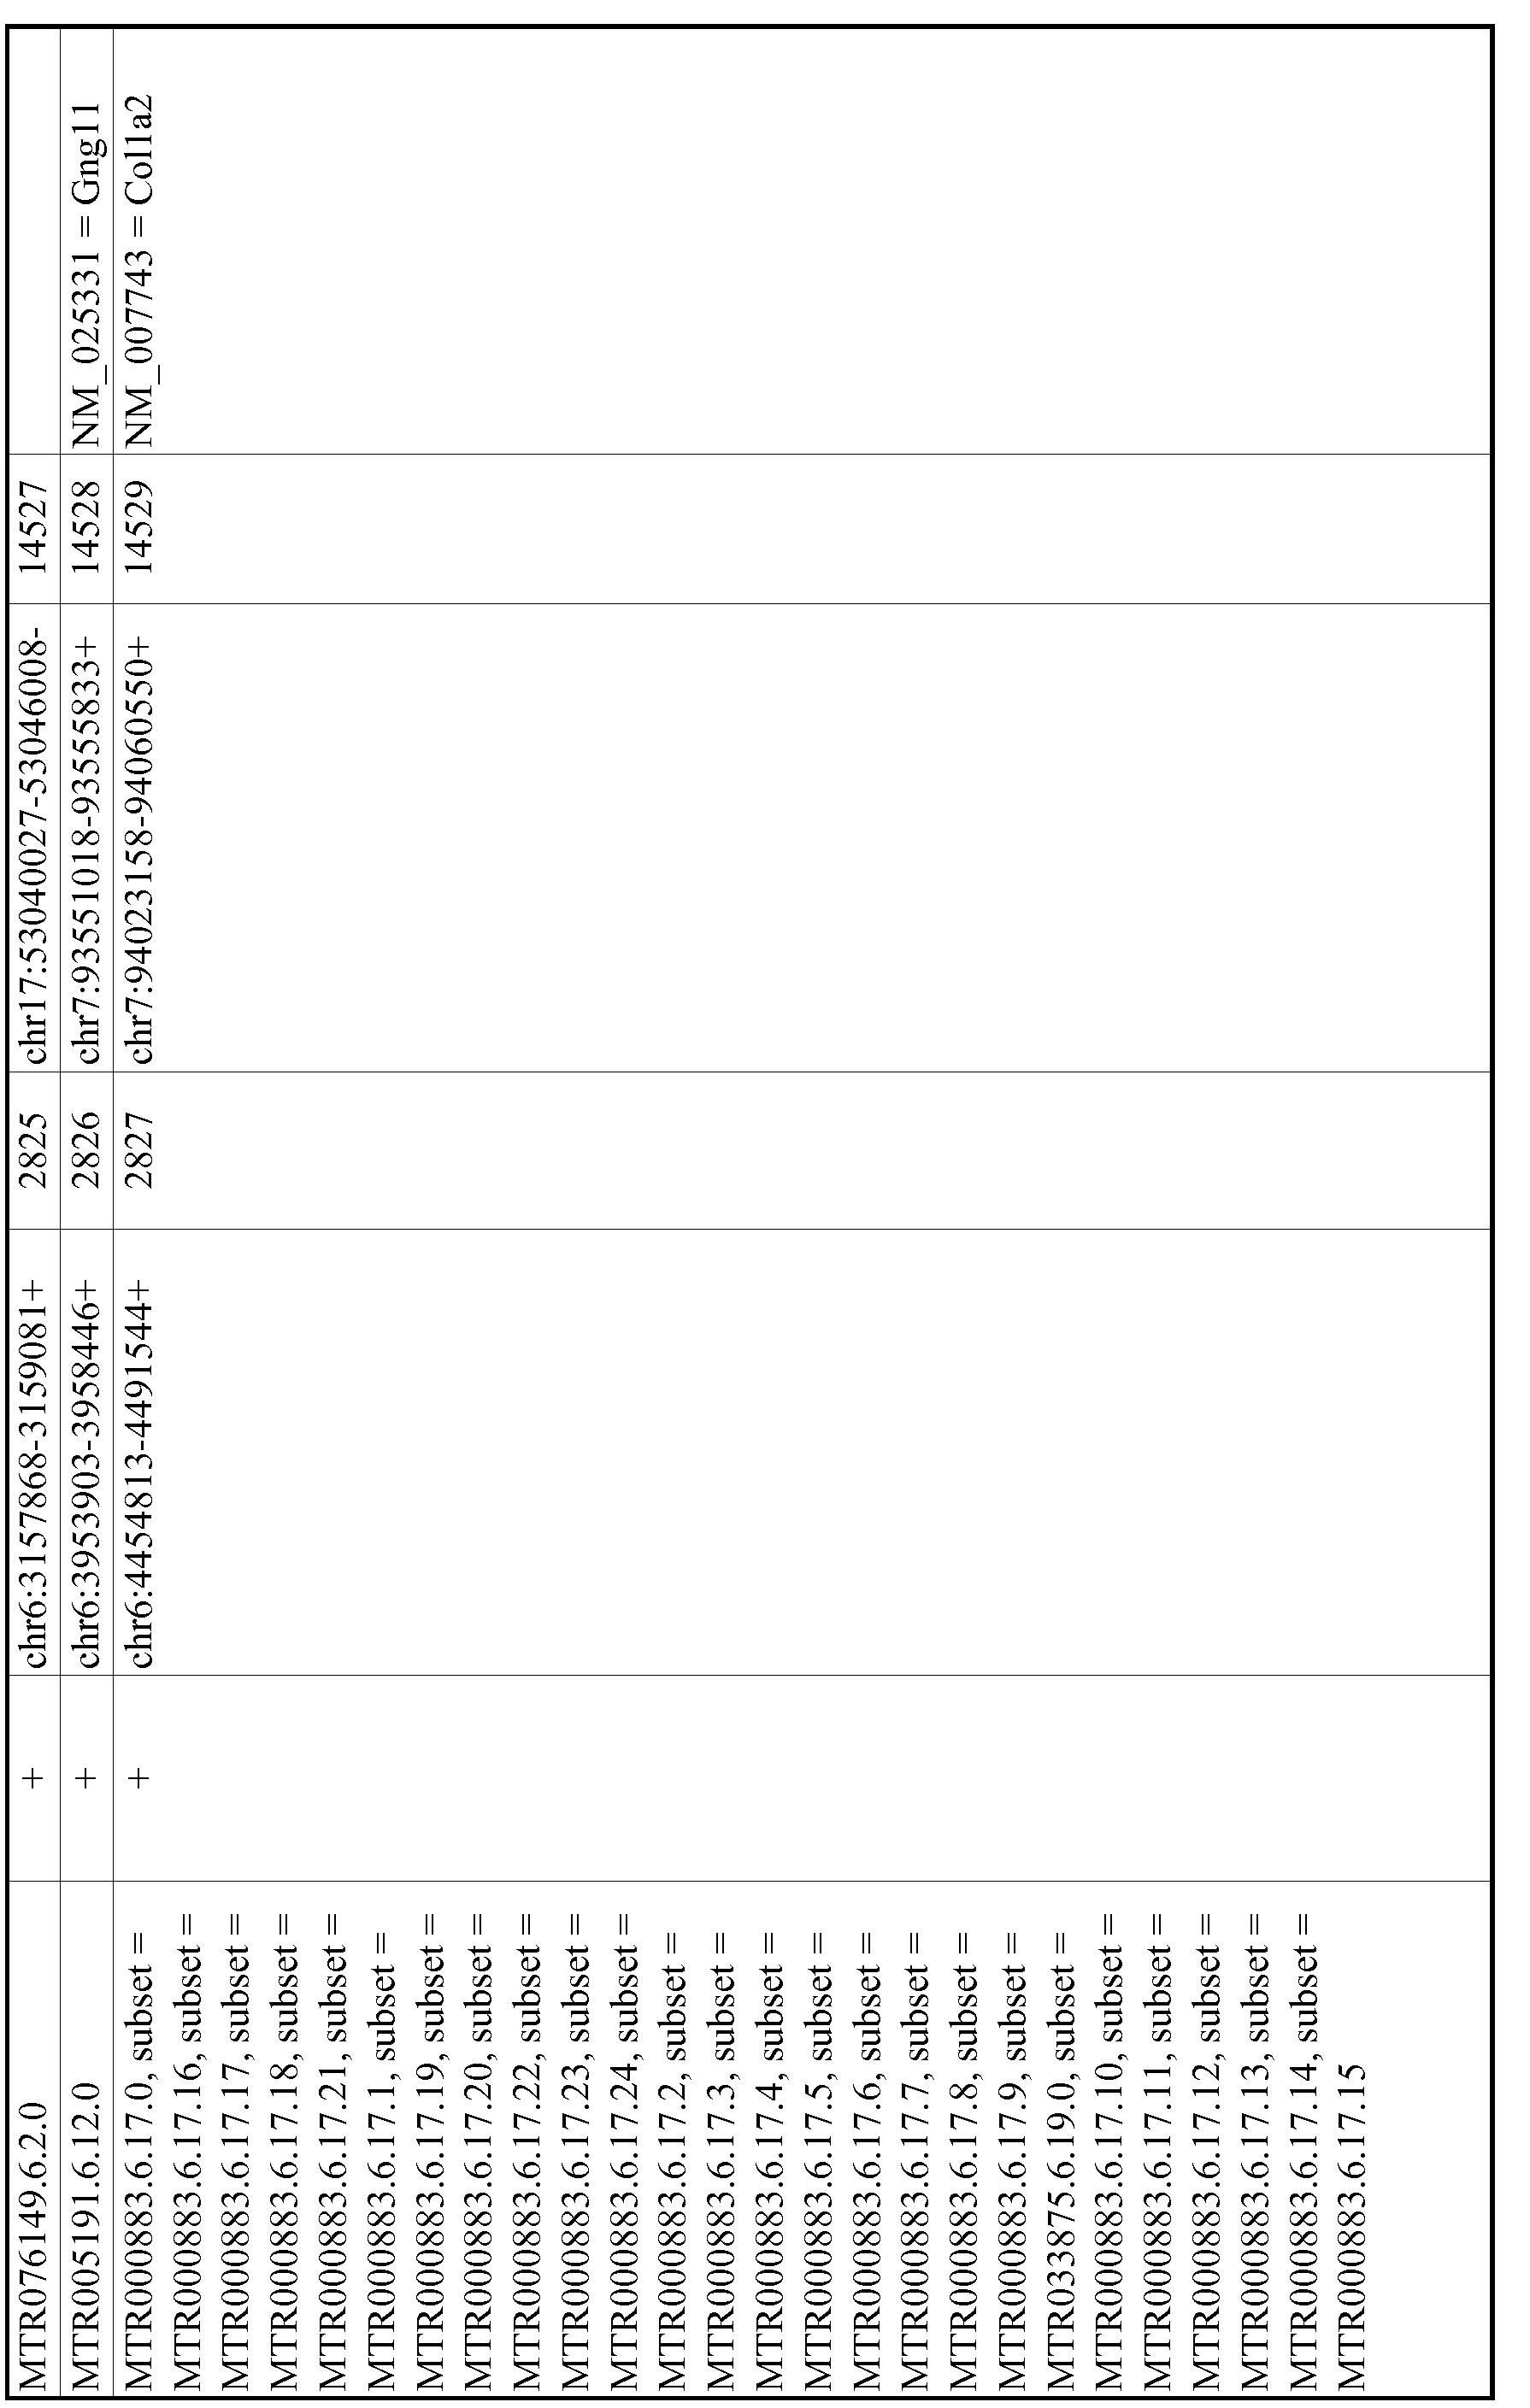 Figure imgf000580_0001